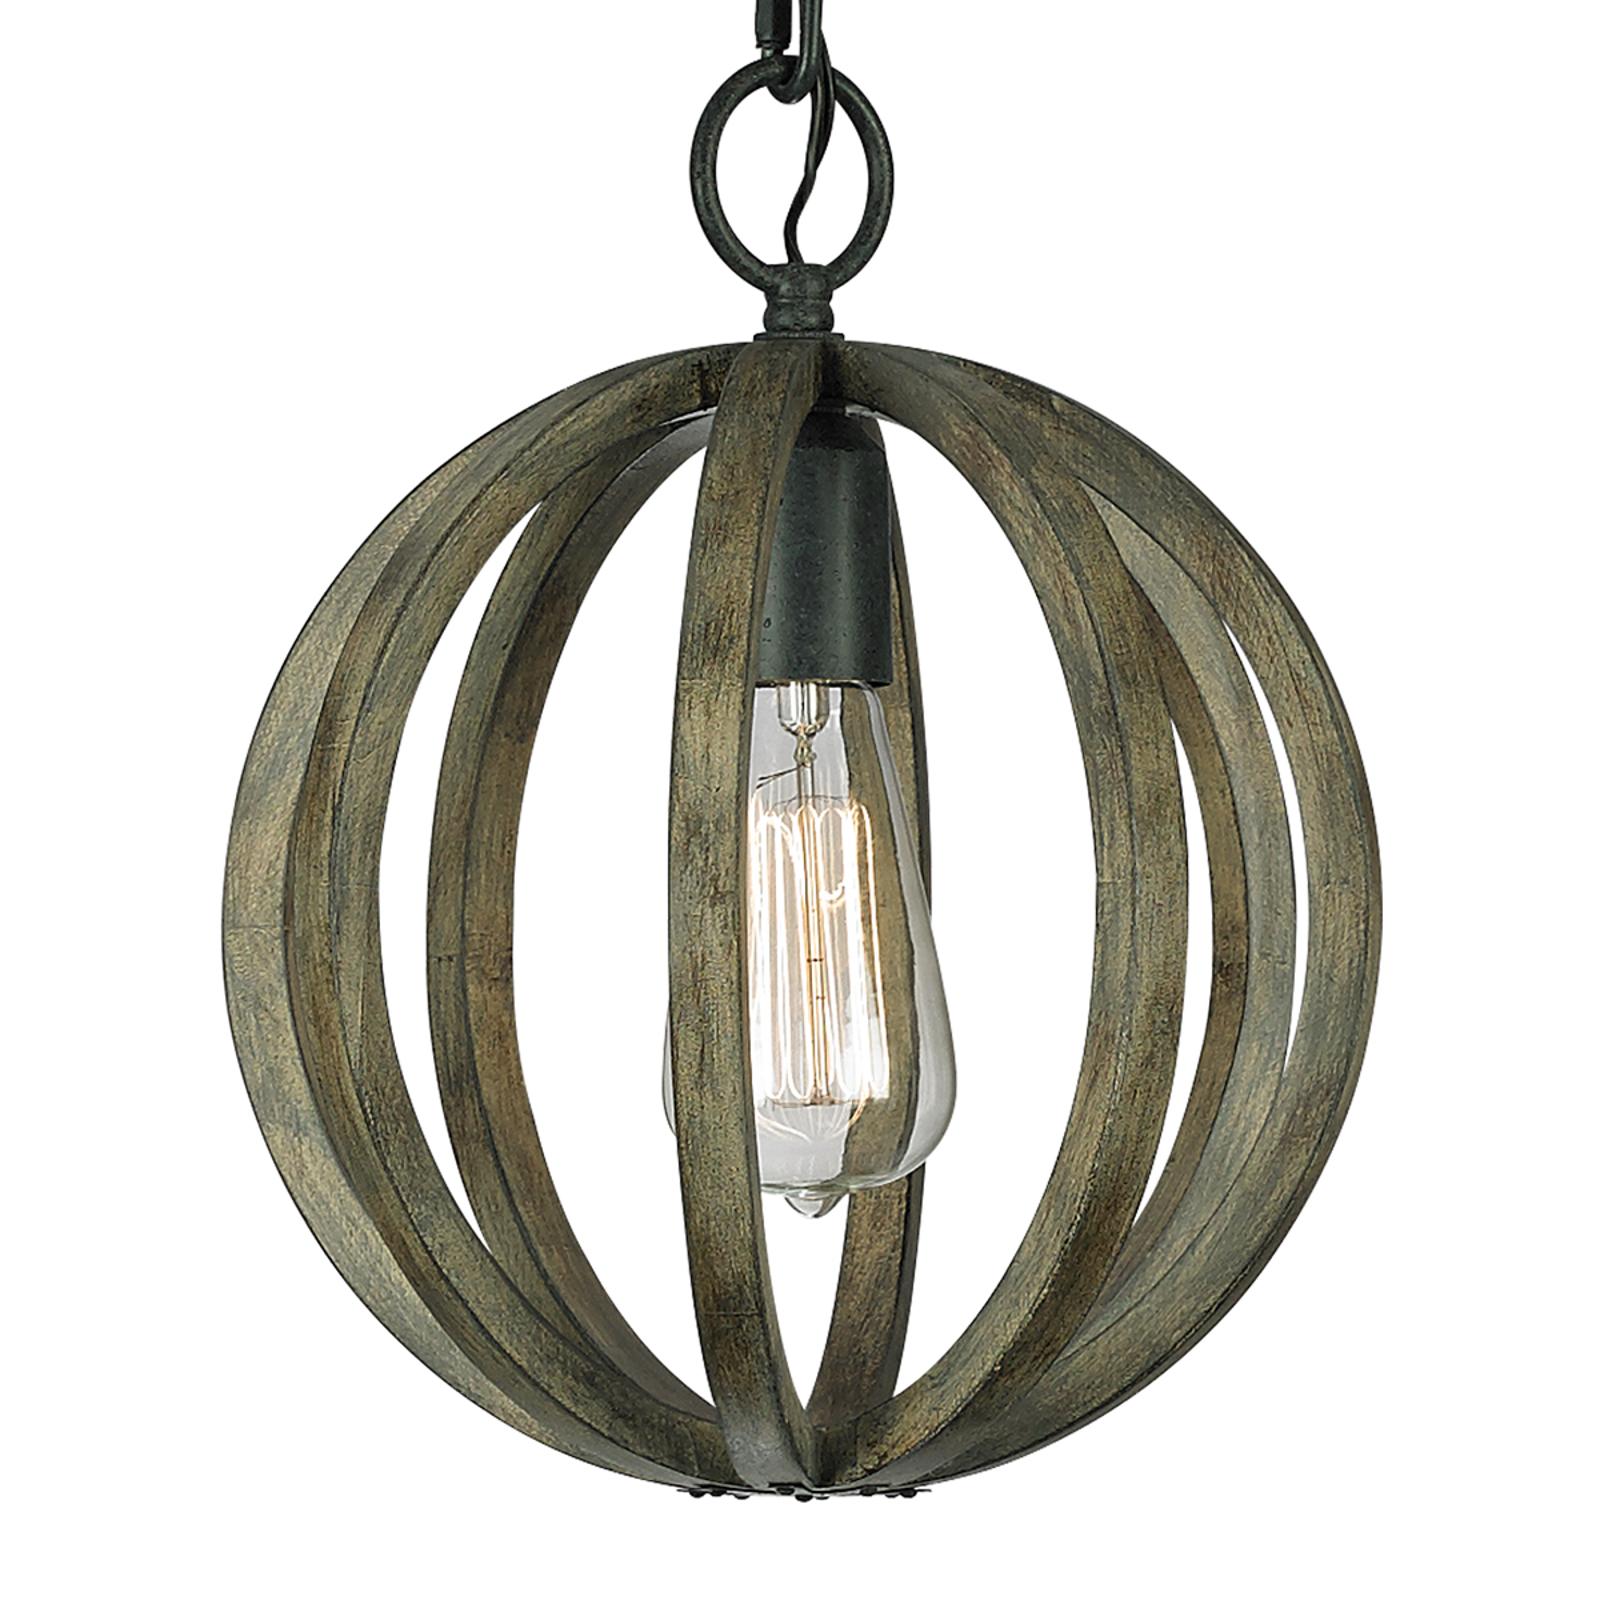 Allier hængelampe af træ, 25,4 cm